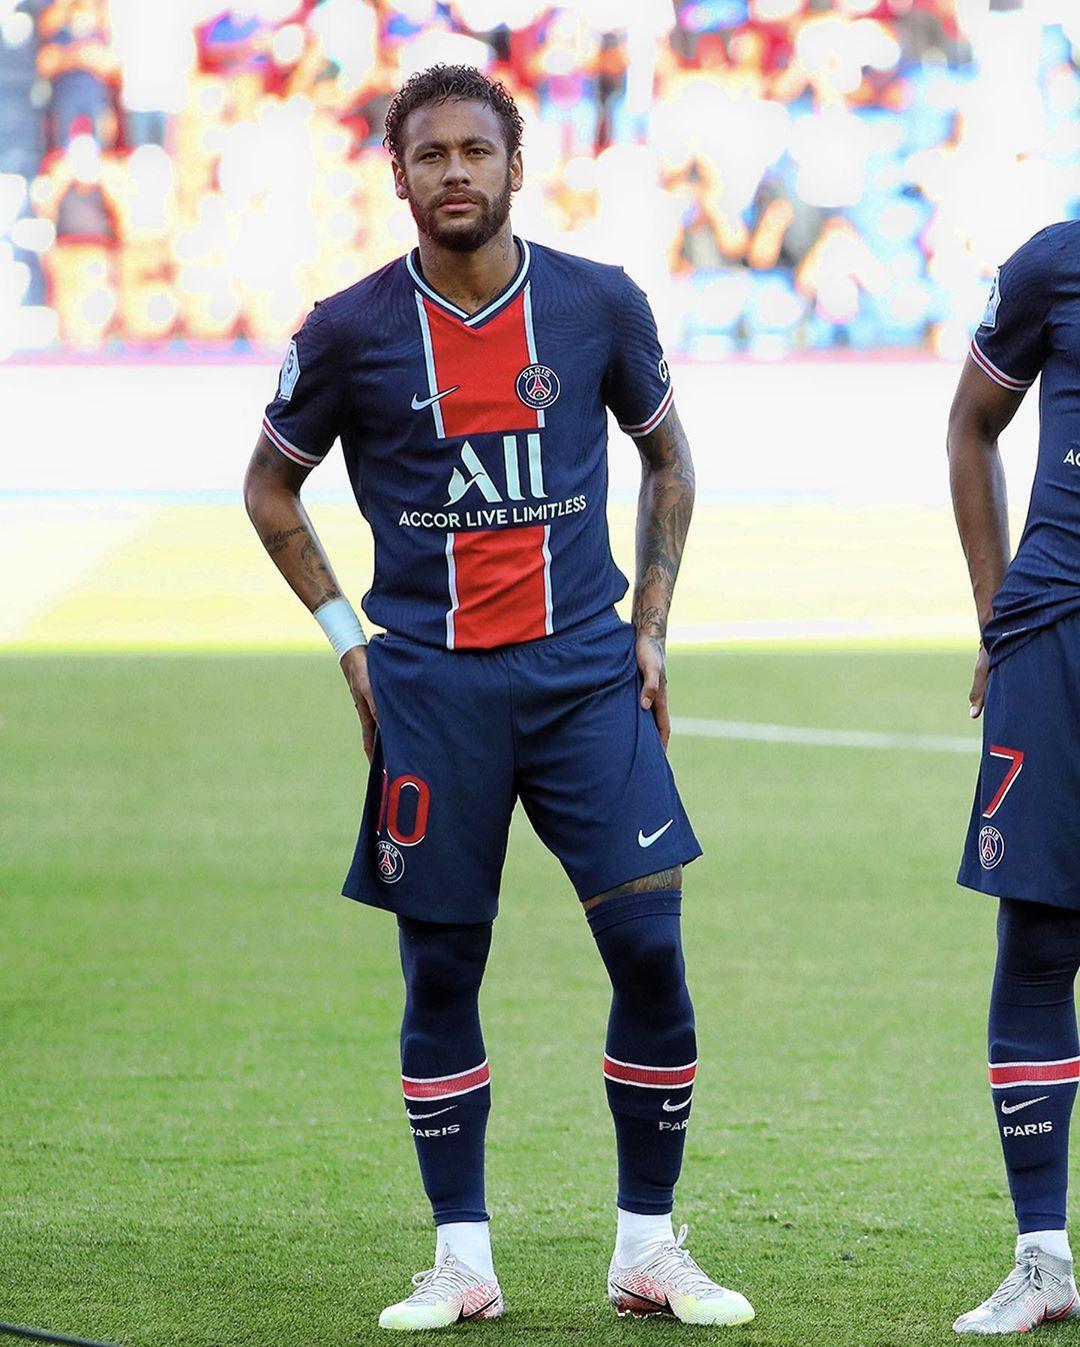 433 Ha Compartido Una Publicacion En Instagram What Would You Name This Trio Sigue Su Cuenta Para Ver 9 773 Publ In 2020 Neymar Neymar Jr Good Soccer Players